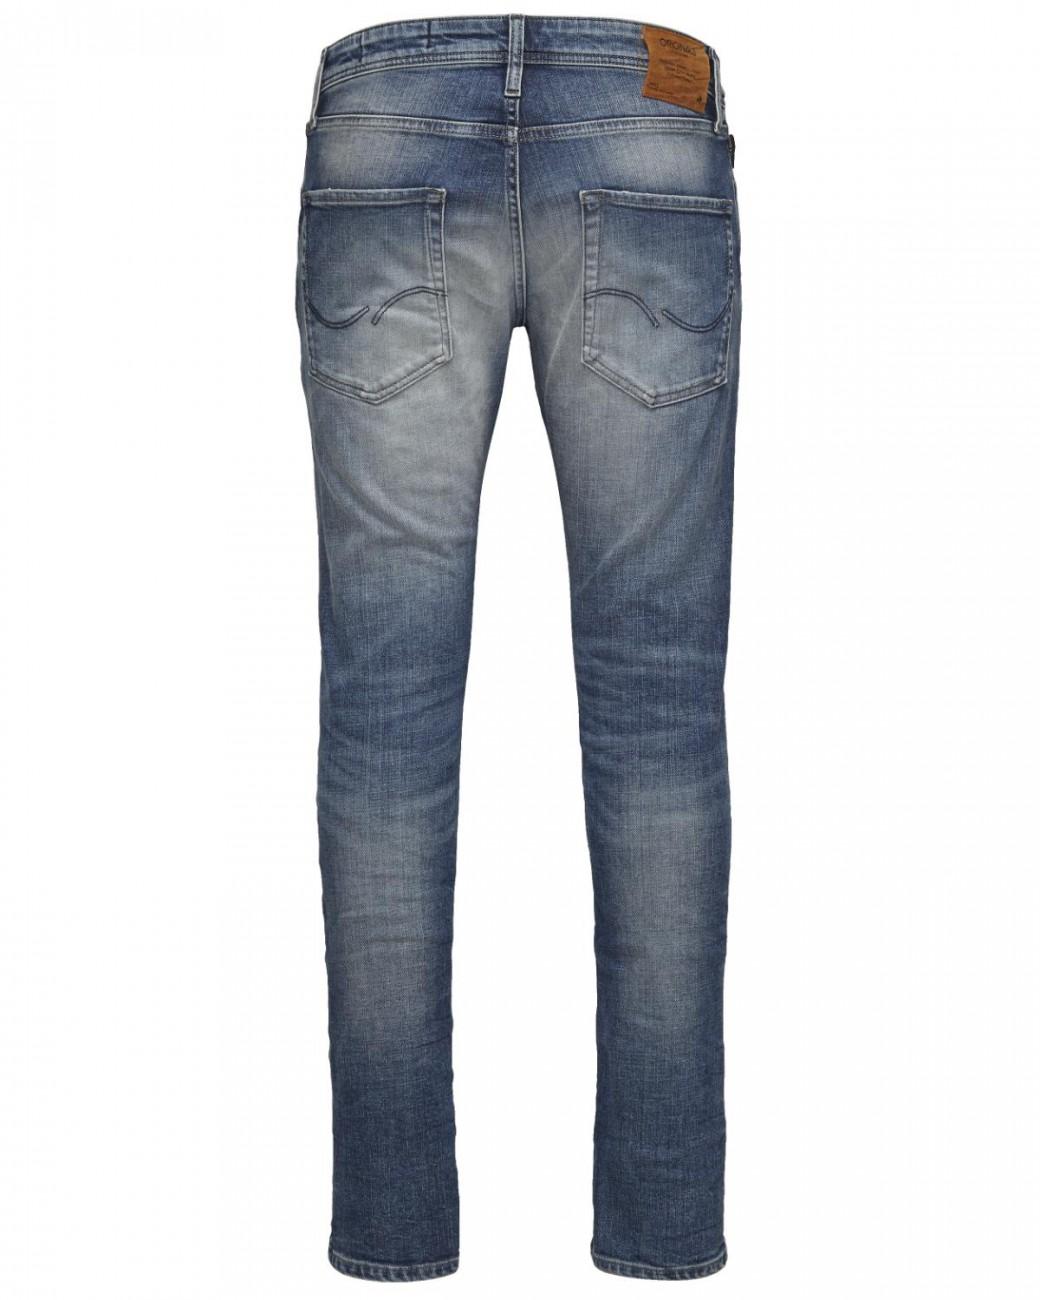 jack jones herren jeans jjglenn slim fit kaufen. Black Bedroom Furniture Sets. Home Design Ideas